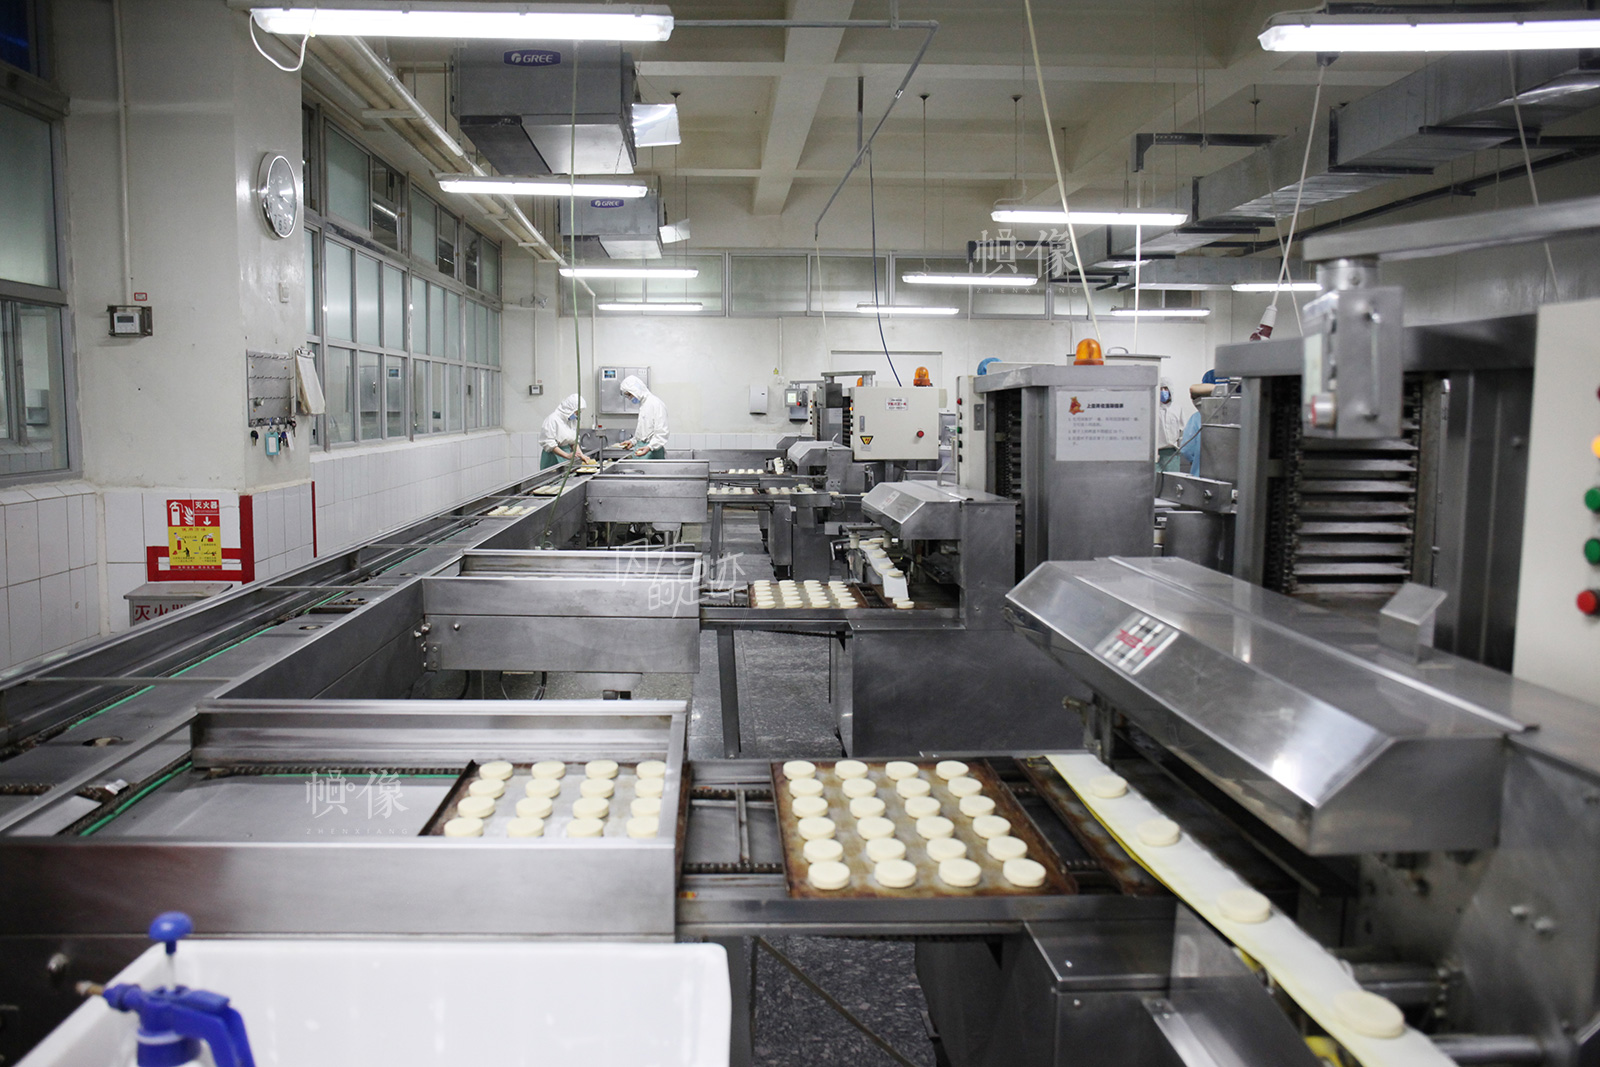 2017年3月2日,北京稻香村生产加工车间,工人正在进行机械化作业,不仅保证产品质量,更提高了生产效率。中国网记者 高南 摄